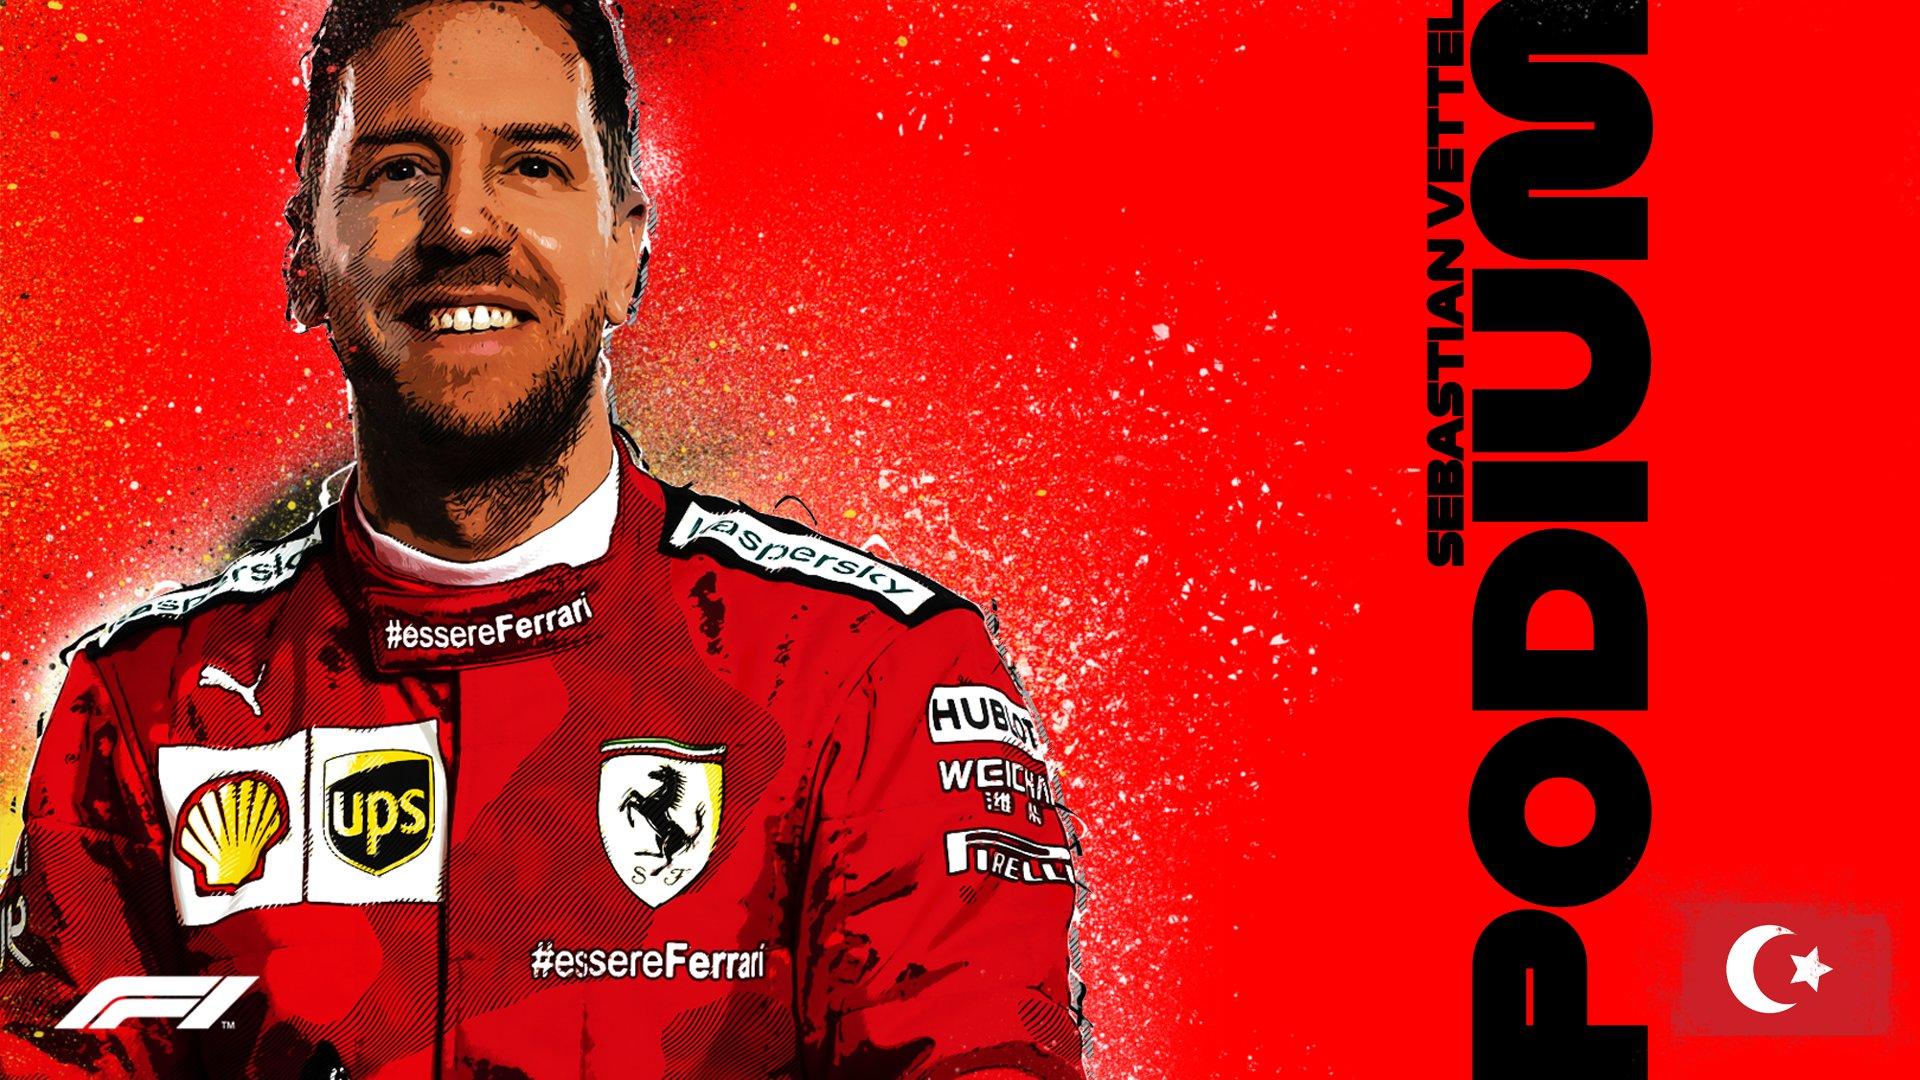 In Turchia Hamilton vince e diventa campione del mondo, ma il capolavoro di giornata lo fa la Ferrari.